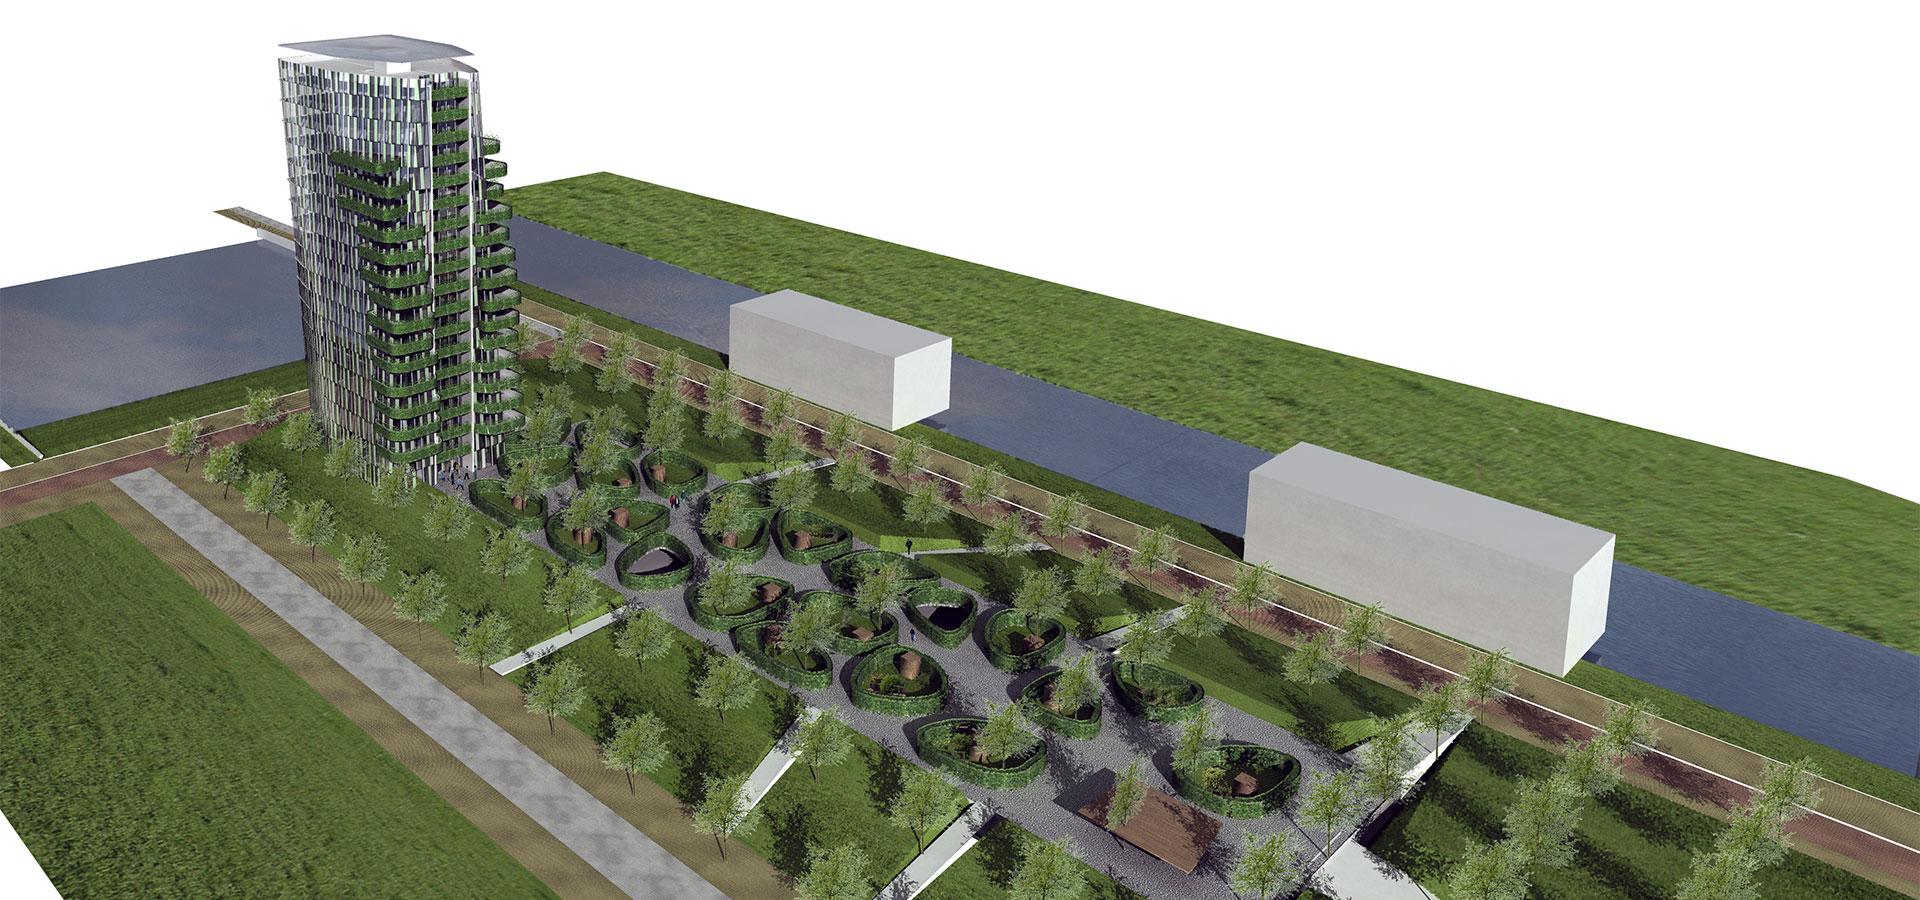 FARO architecten Casa Cascada Cascadepark Almere 02